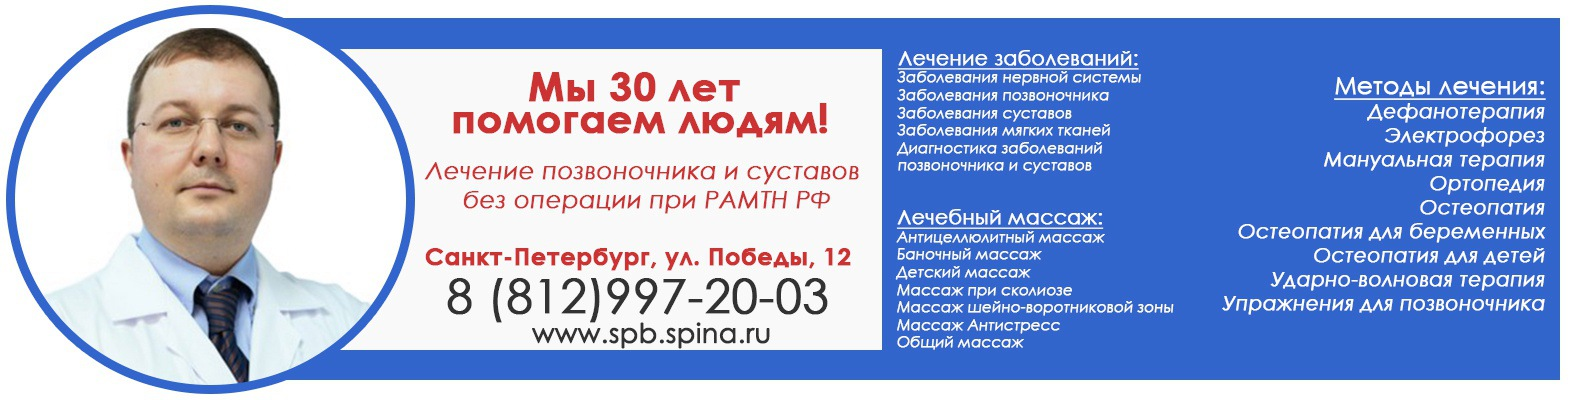 Клиники по лечению сколиоза в иркутске